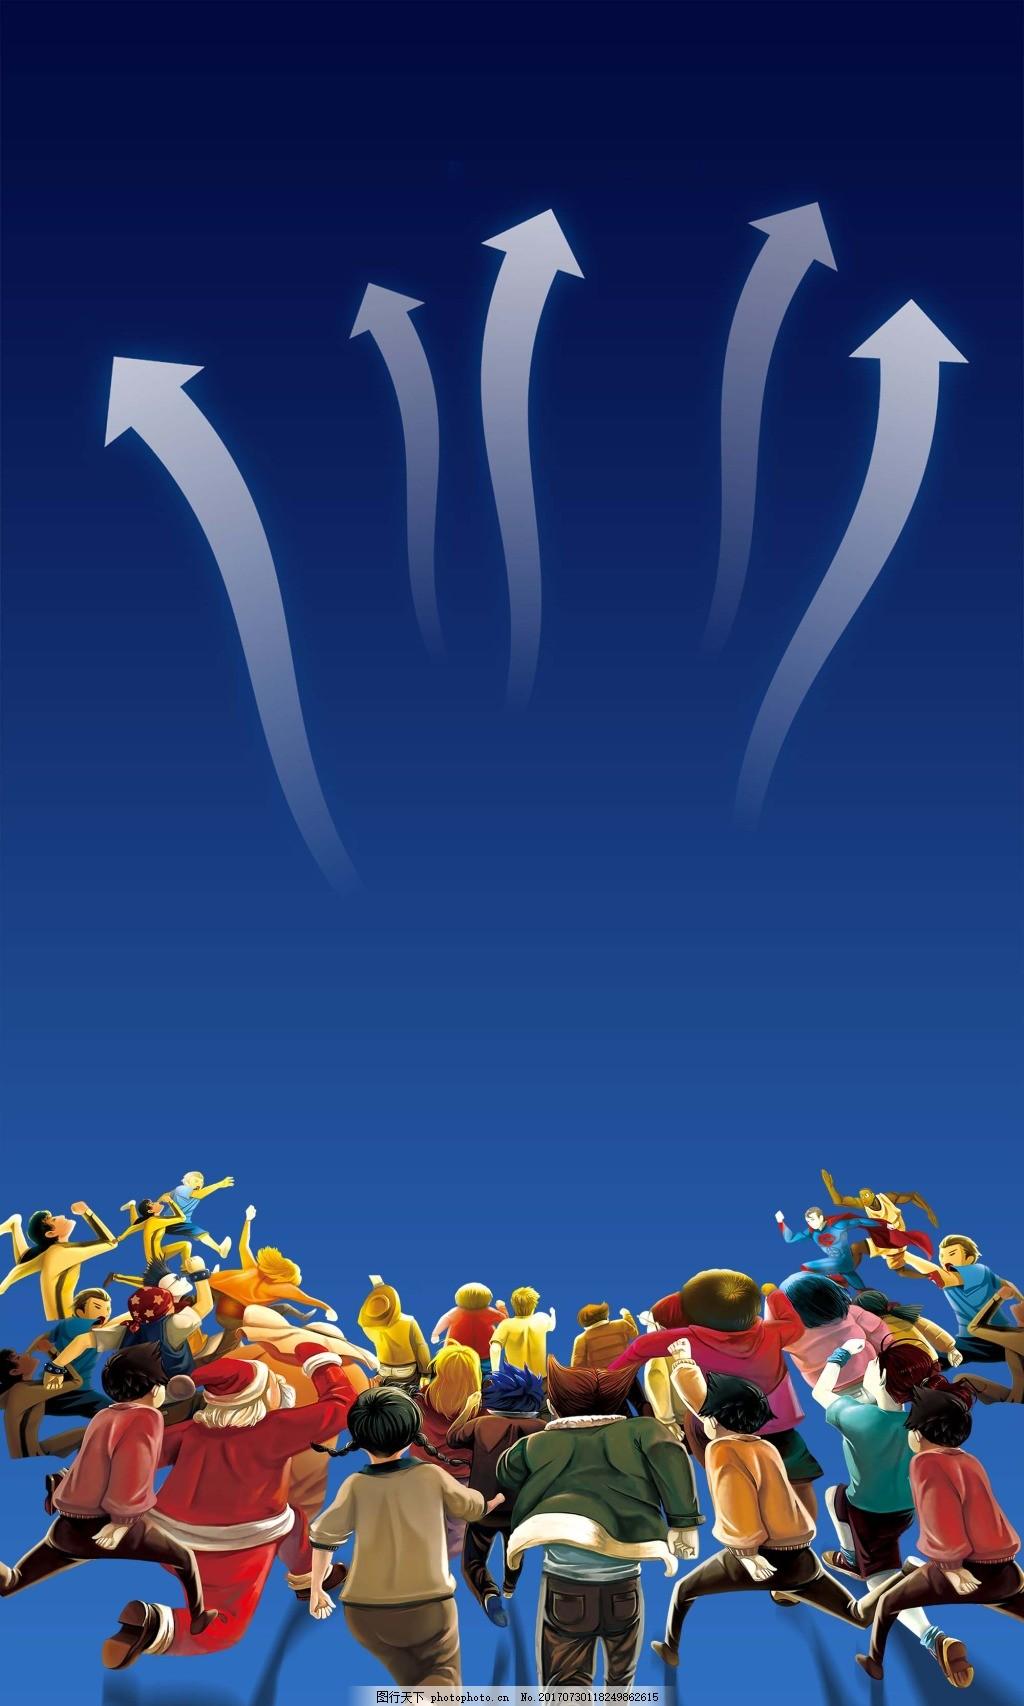 圣诞人物狂奔箭头背景 简约 卡通 圣诞老人 奔跑 蓝色海报